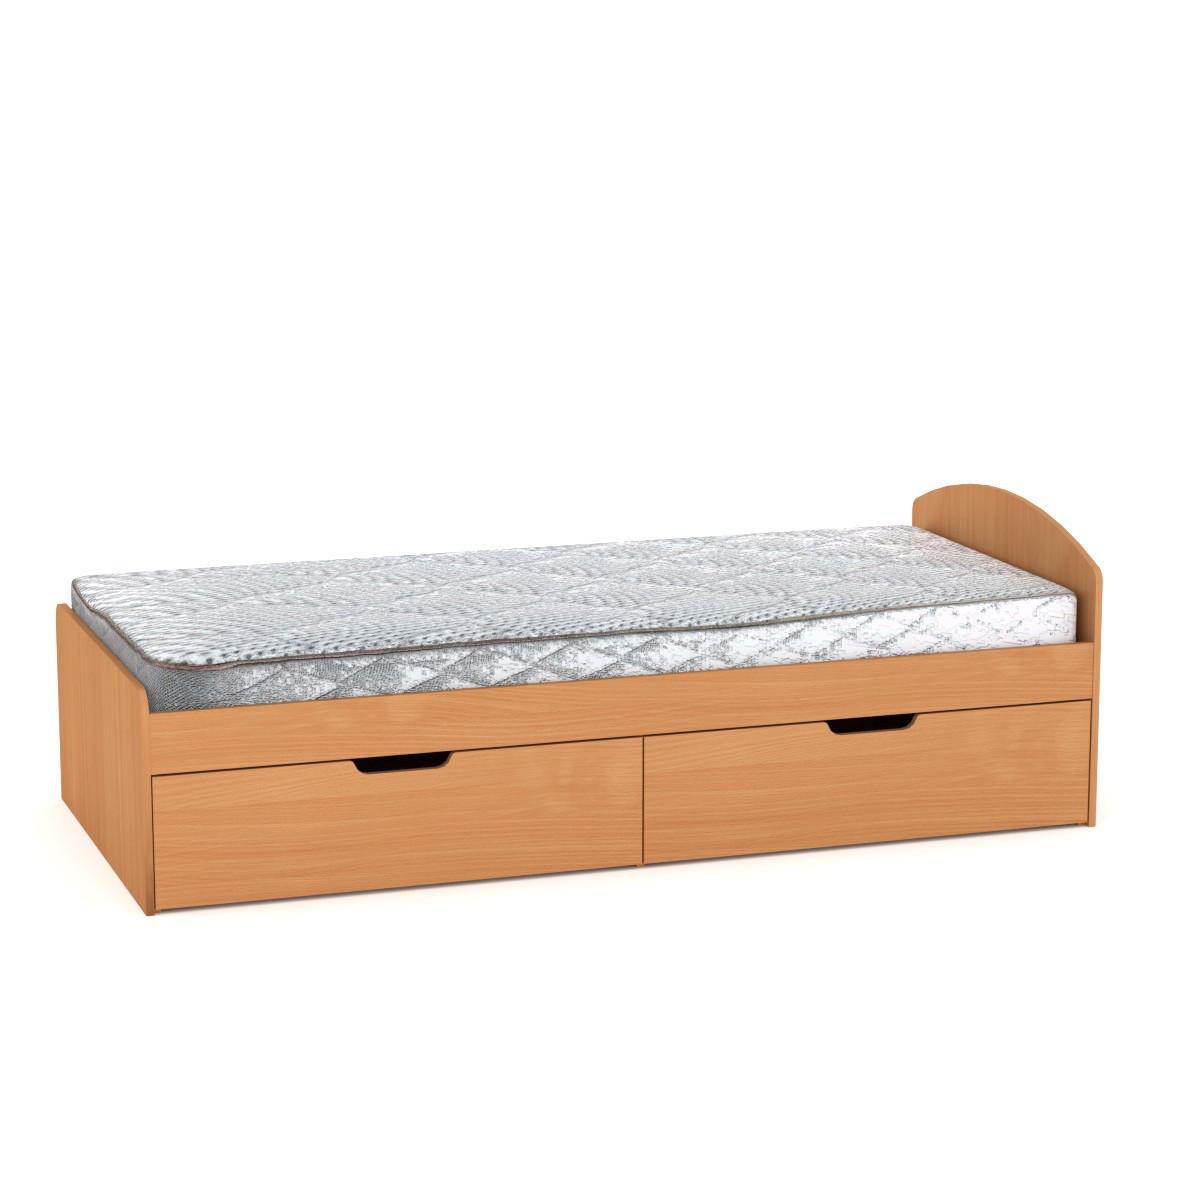 Кровать 90+2 Компанит 944х650х2042 мм дсп